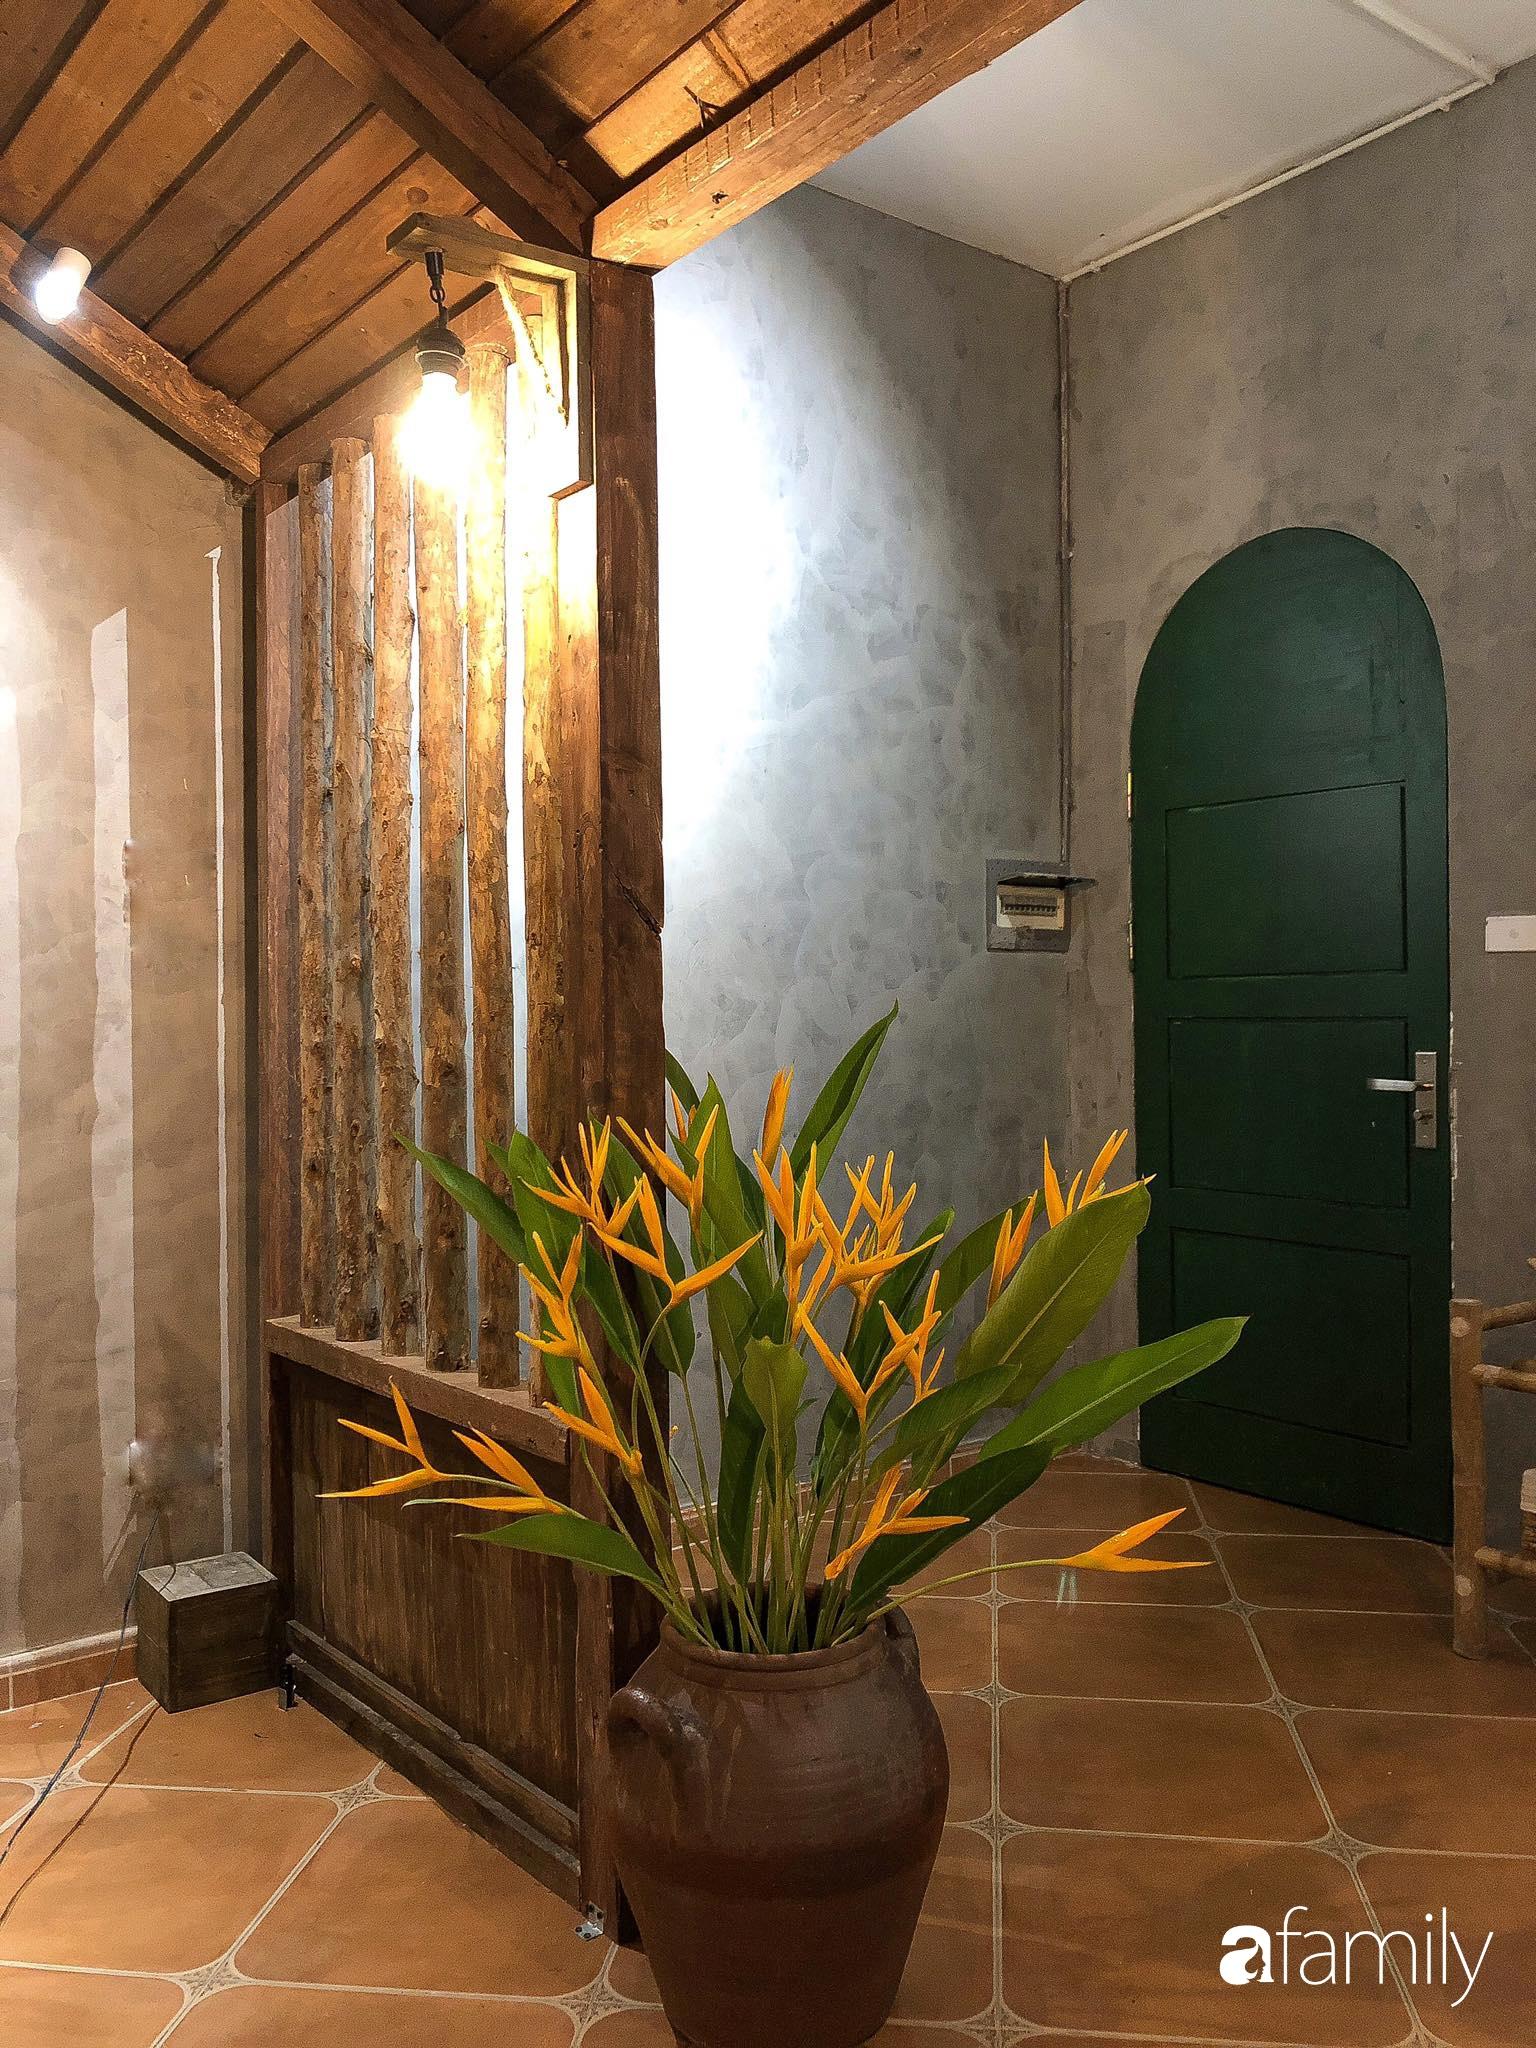 Chỉ hai tuần cải tạo với chi phí 133 triệu đồng, căn nhà cũ biến thành không gian đẹp như resort cao cấp giữa lòng Hà Nội - Ảnh 9.